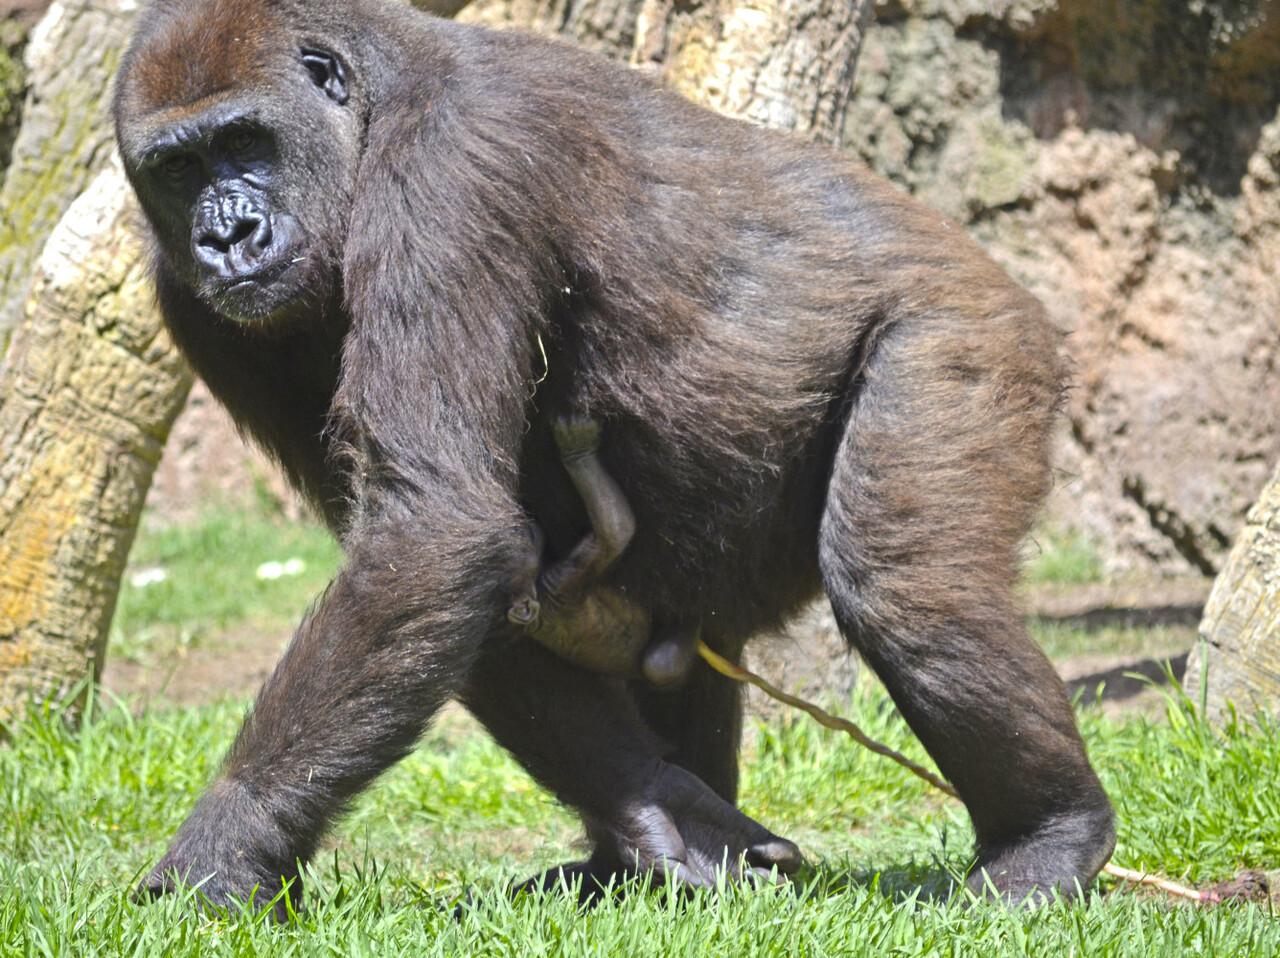 Gorila recién nacido en BIOPARC Valencia - 17 agosto 2016 (4)